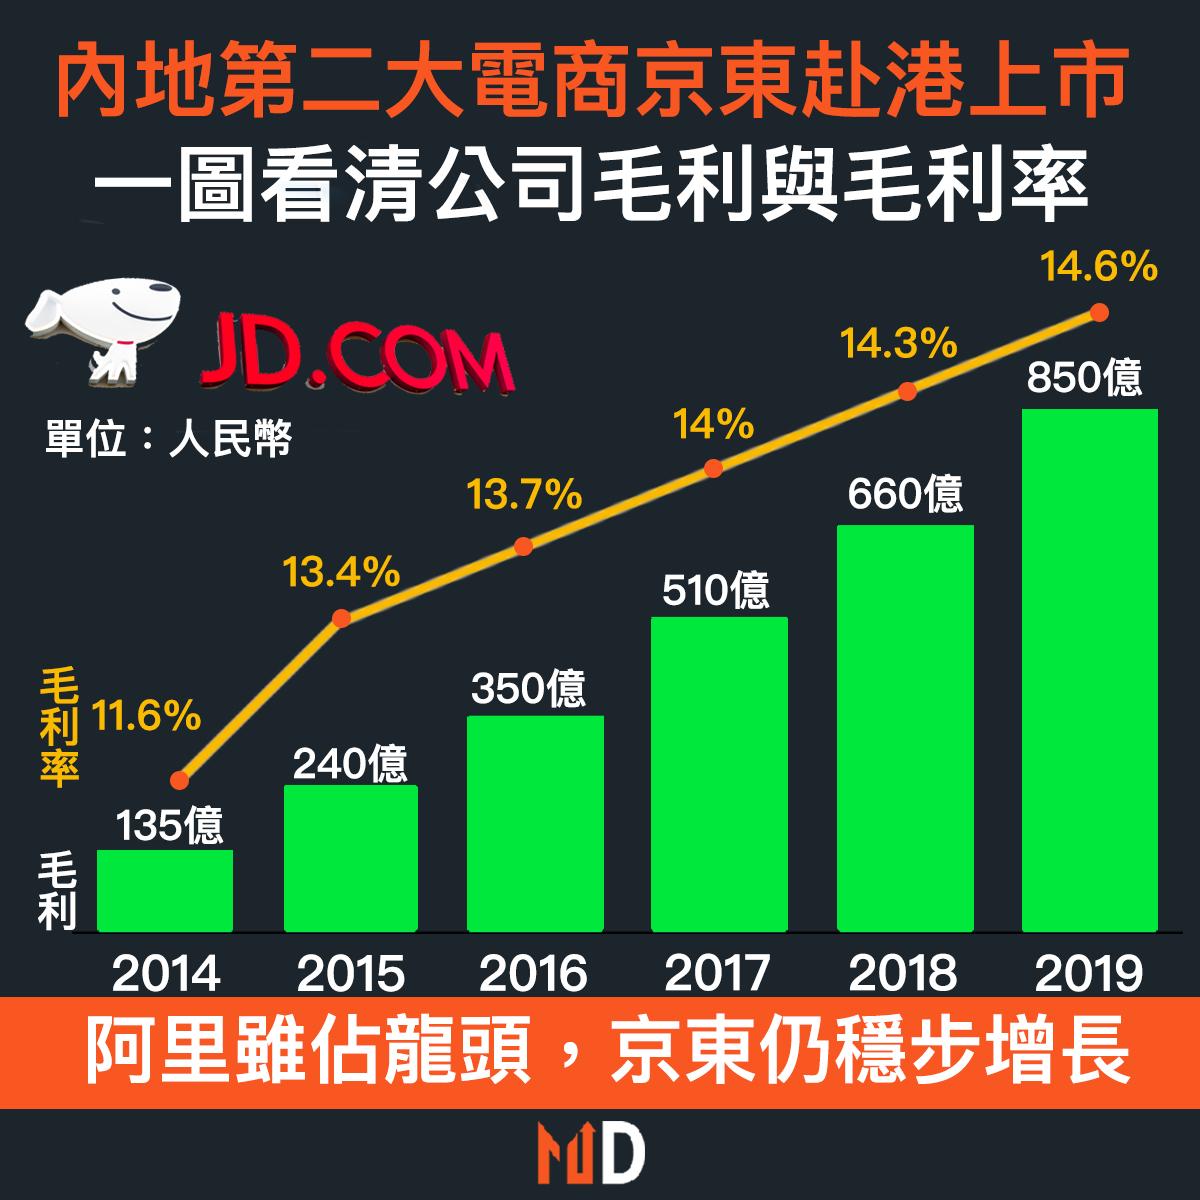 【重點新股】內地第二大電商京東赴港上市,一圖看清公司毛利與毛利率